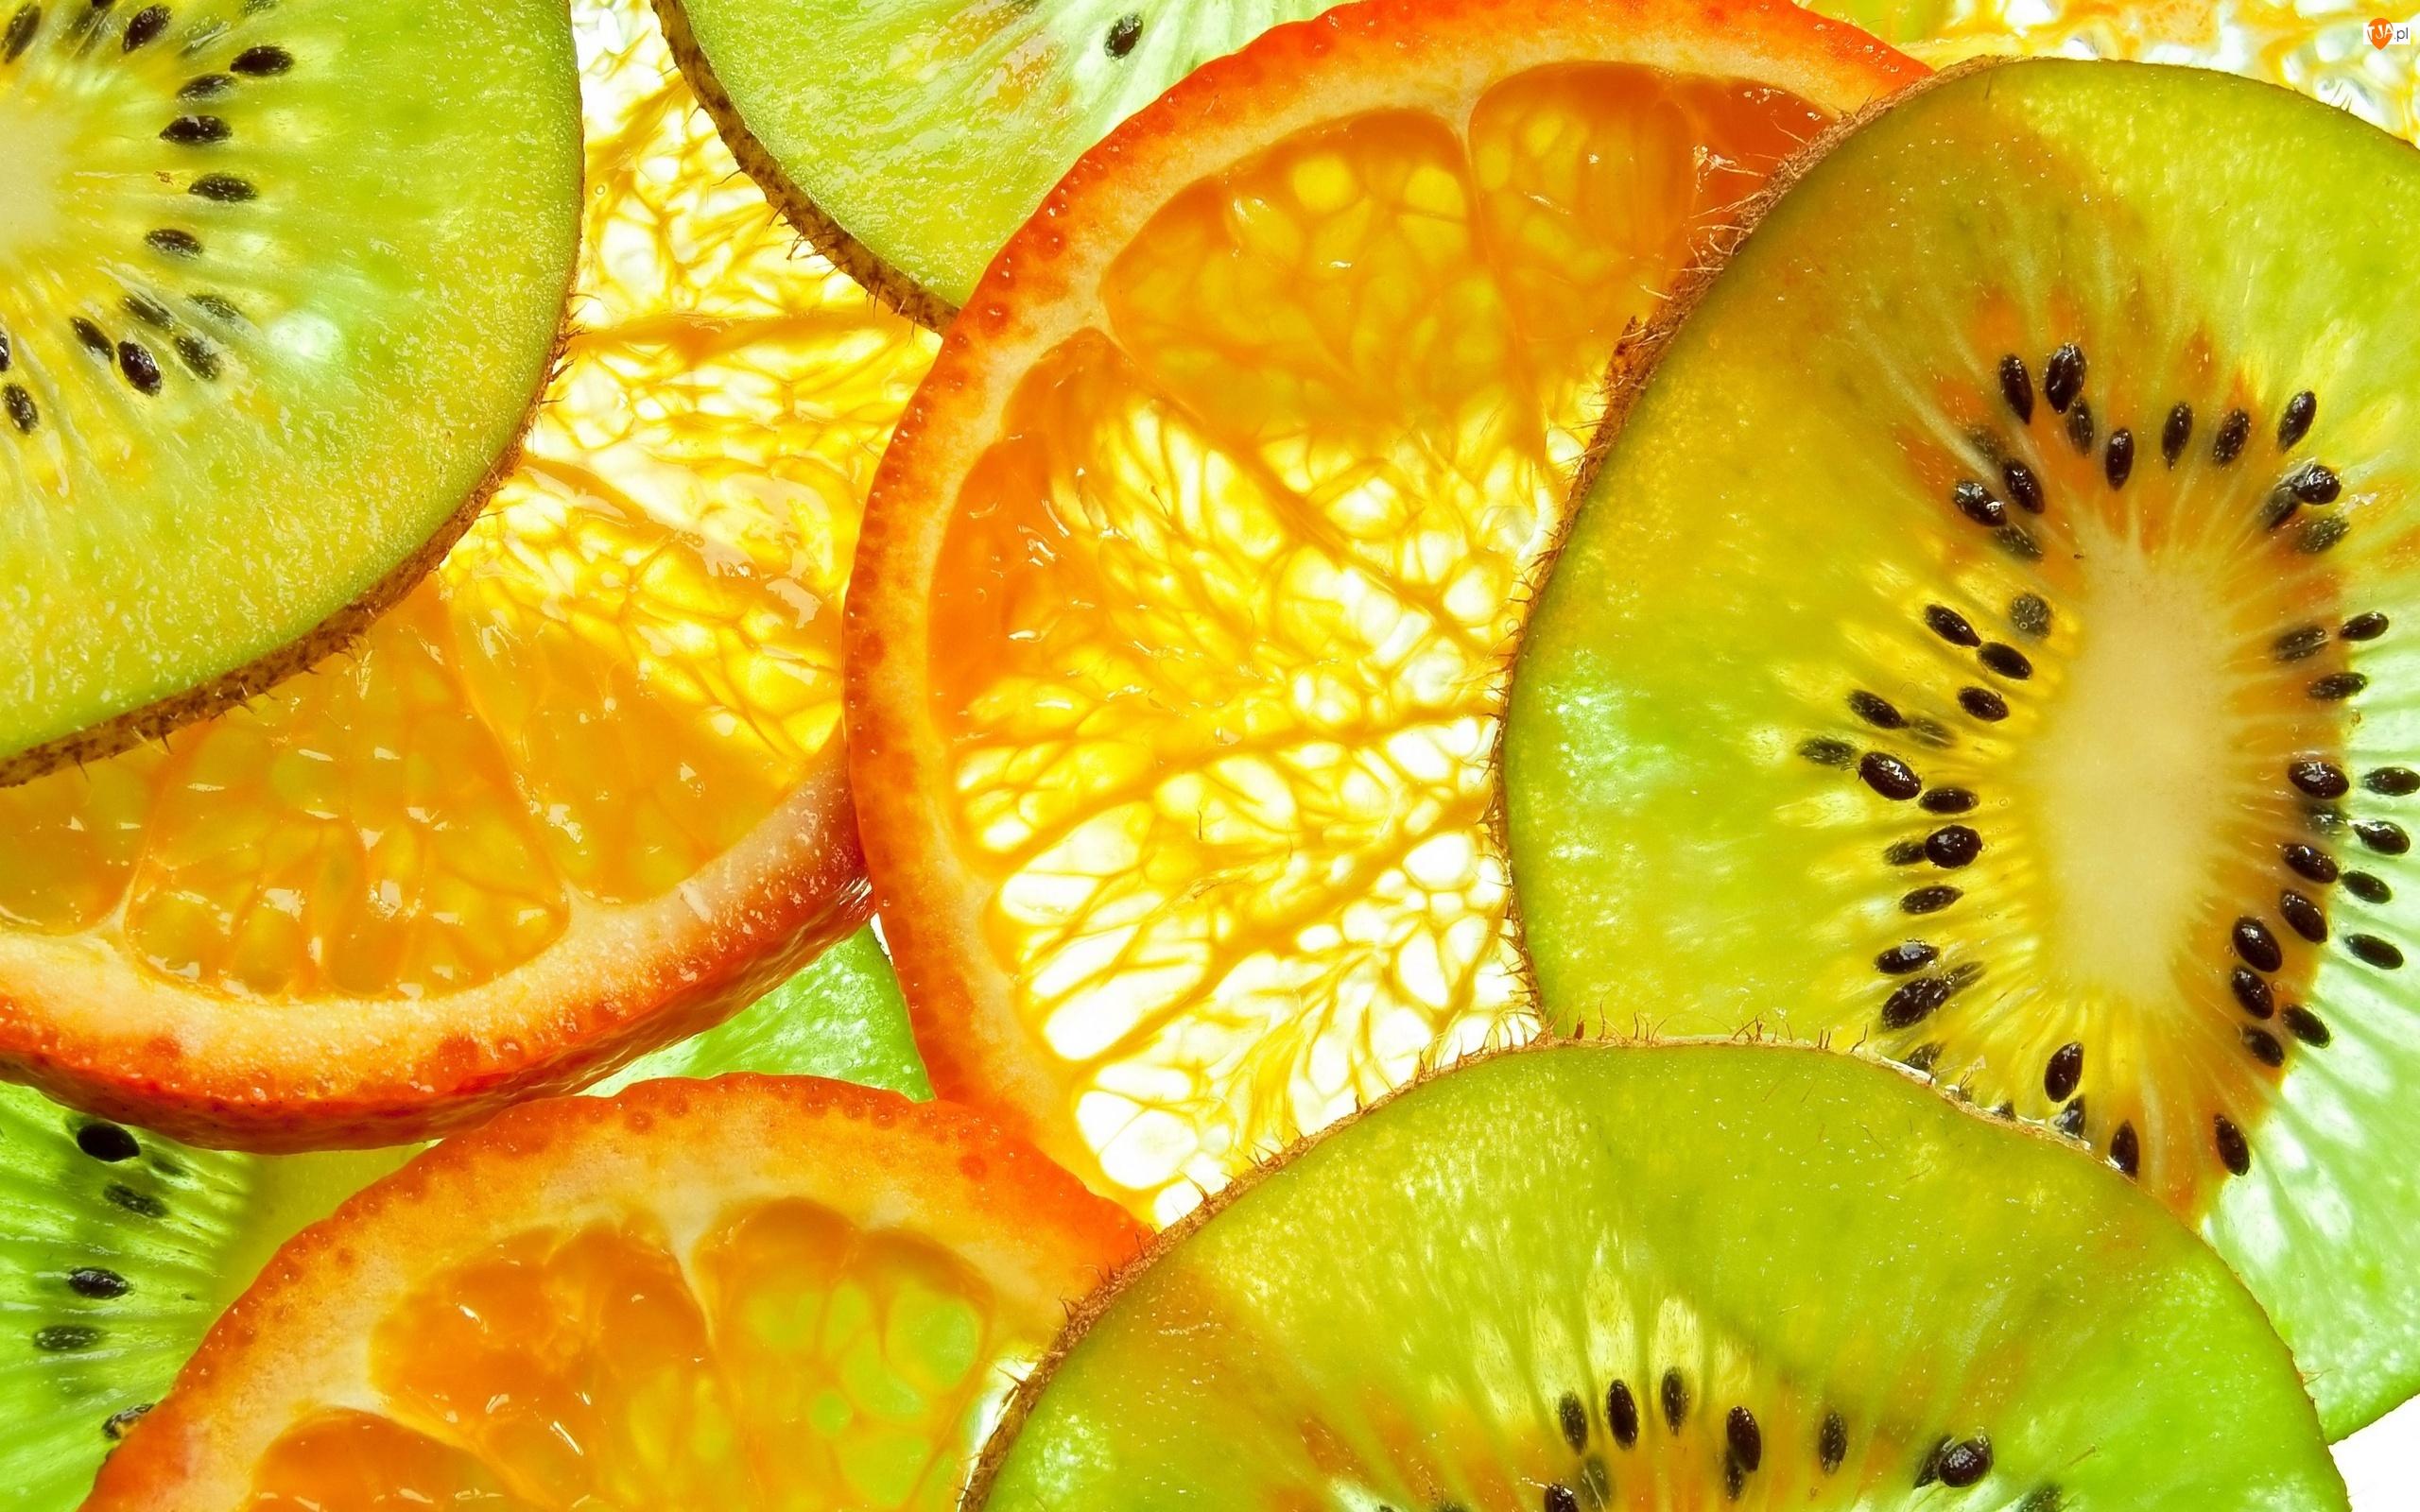 Owoce, Pomarańcza, Kiwi